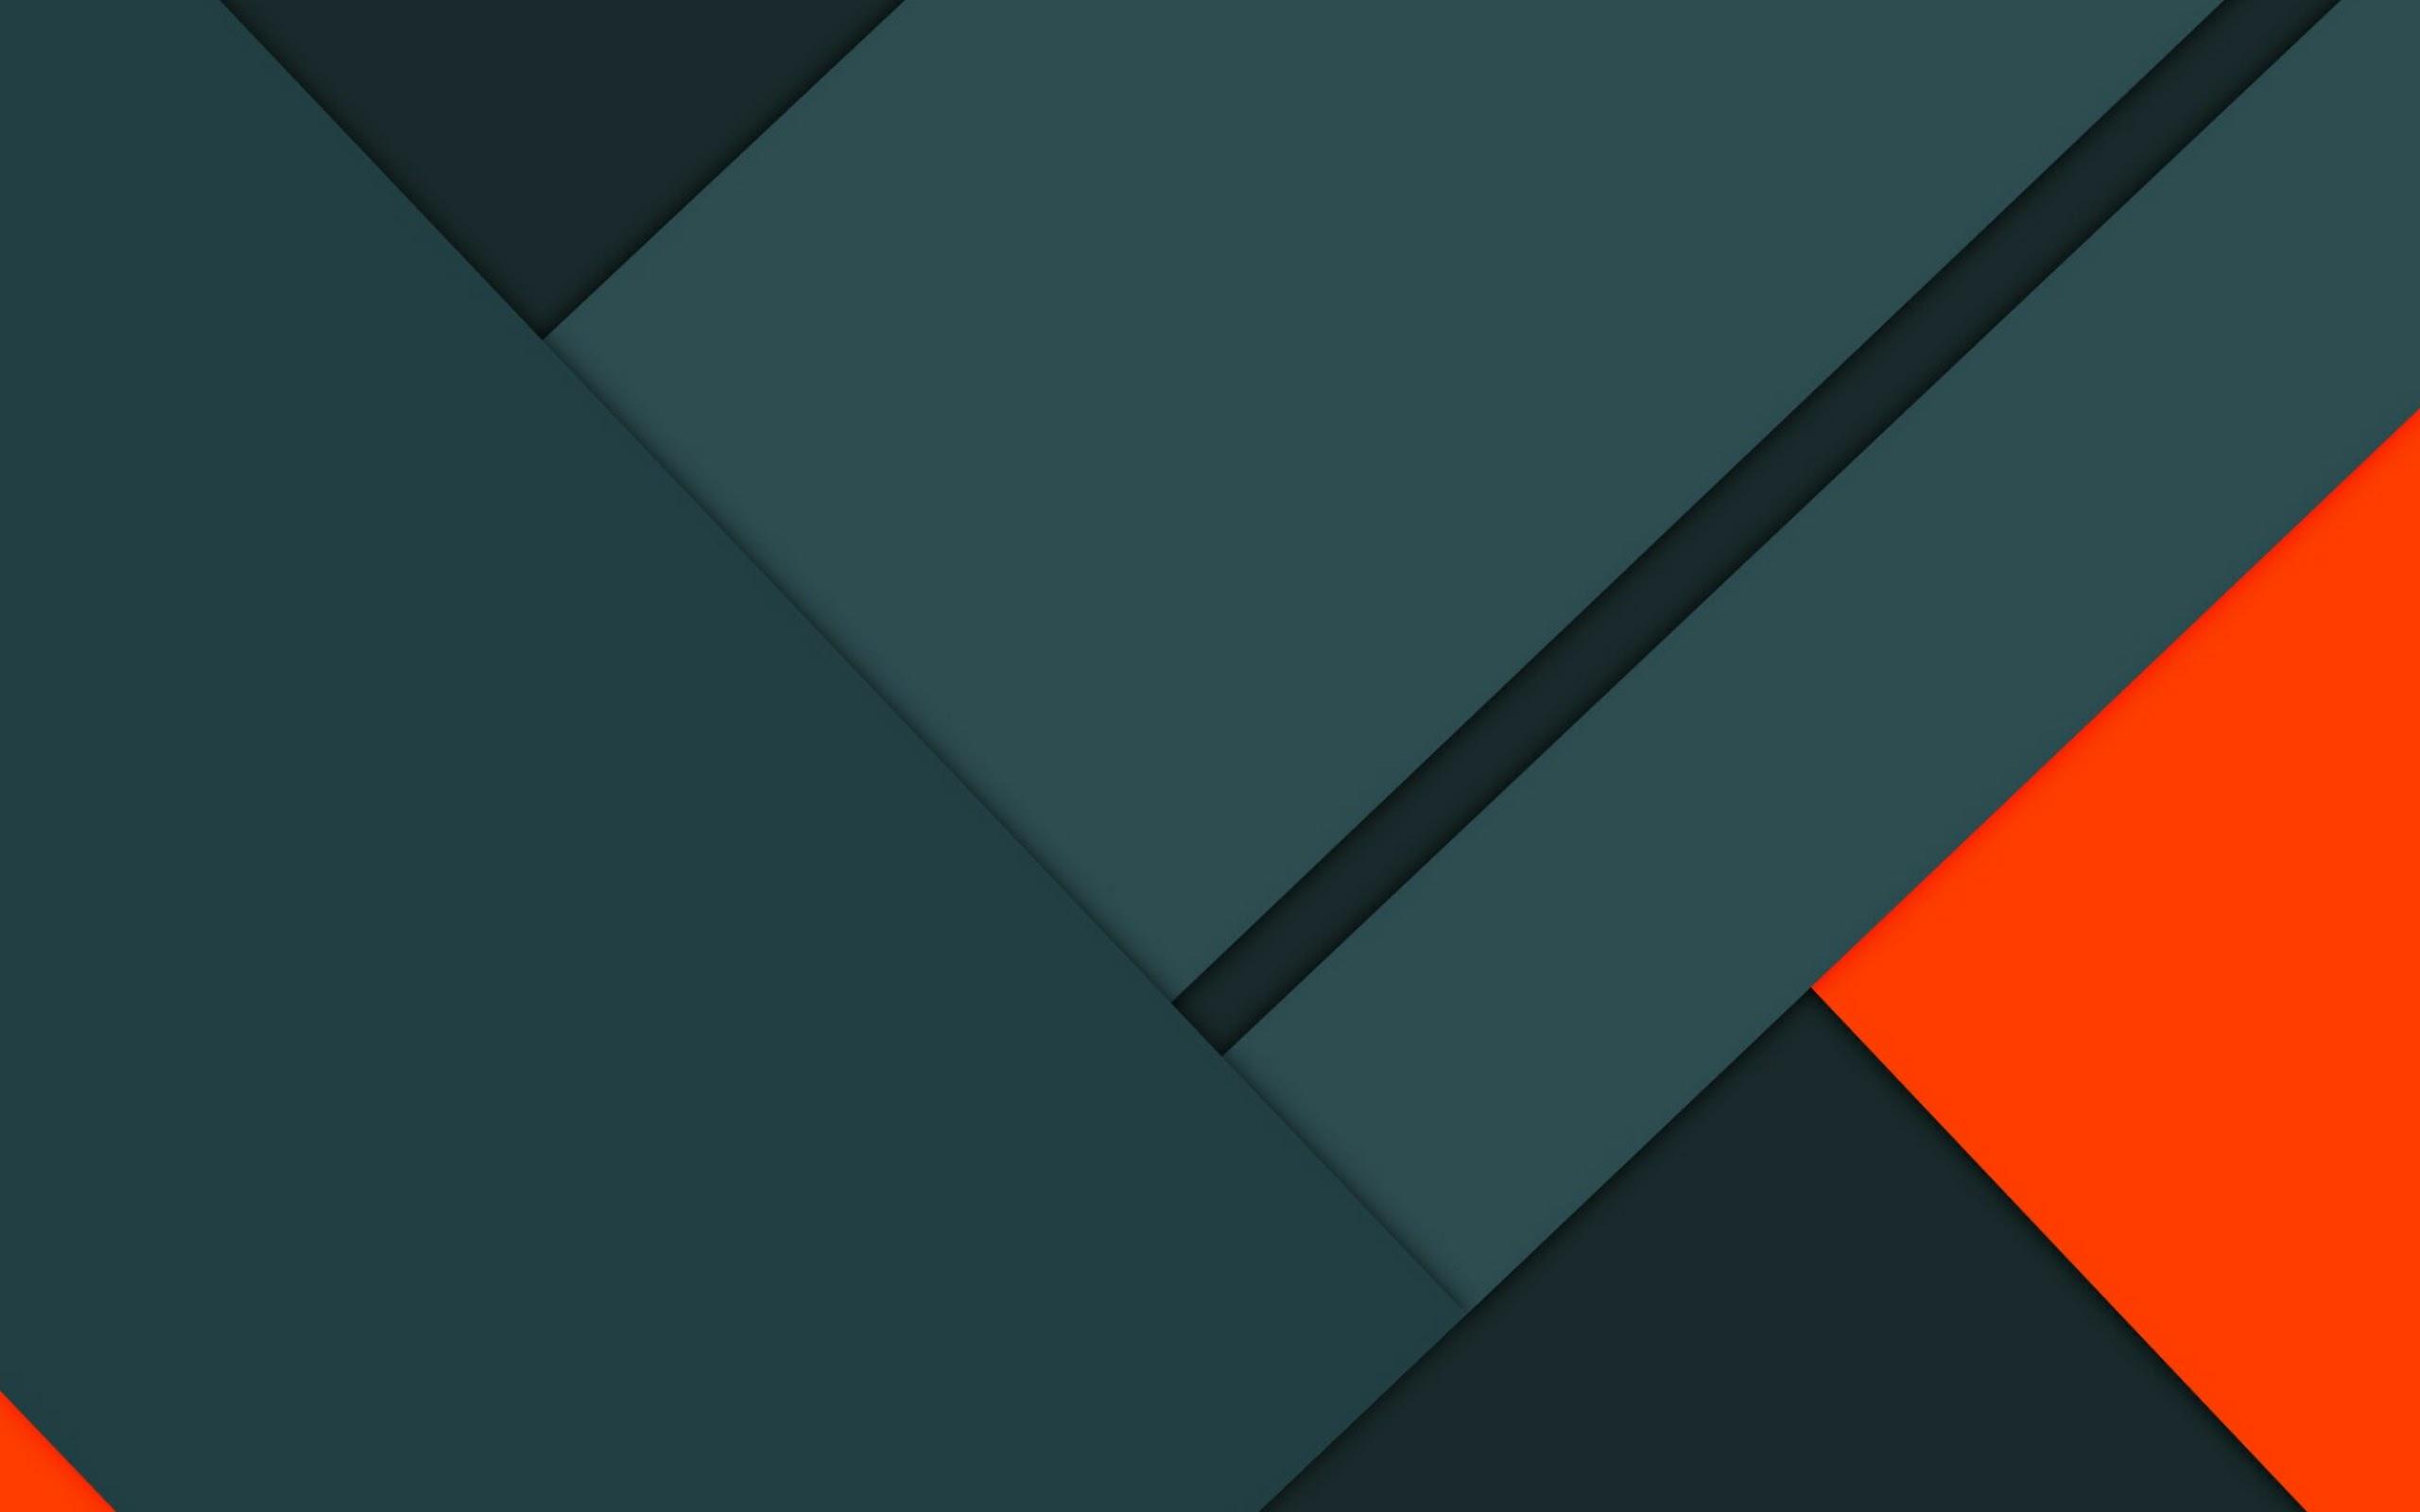 20 google material design hd wallpapers vigorous art for Sfondi material design